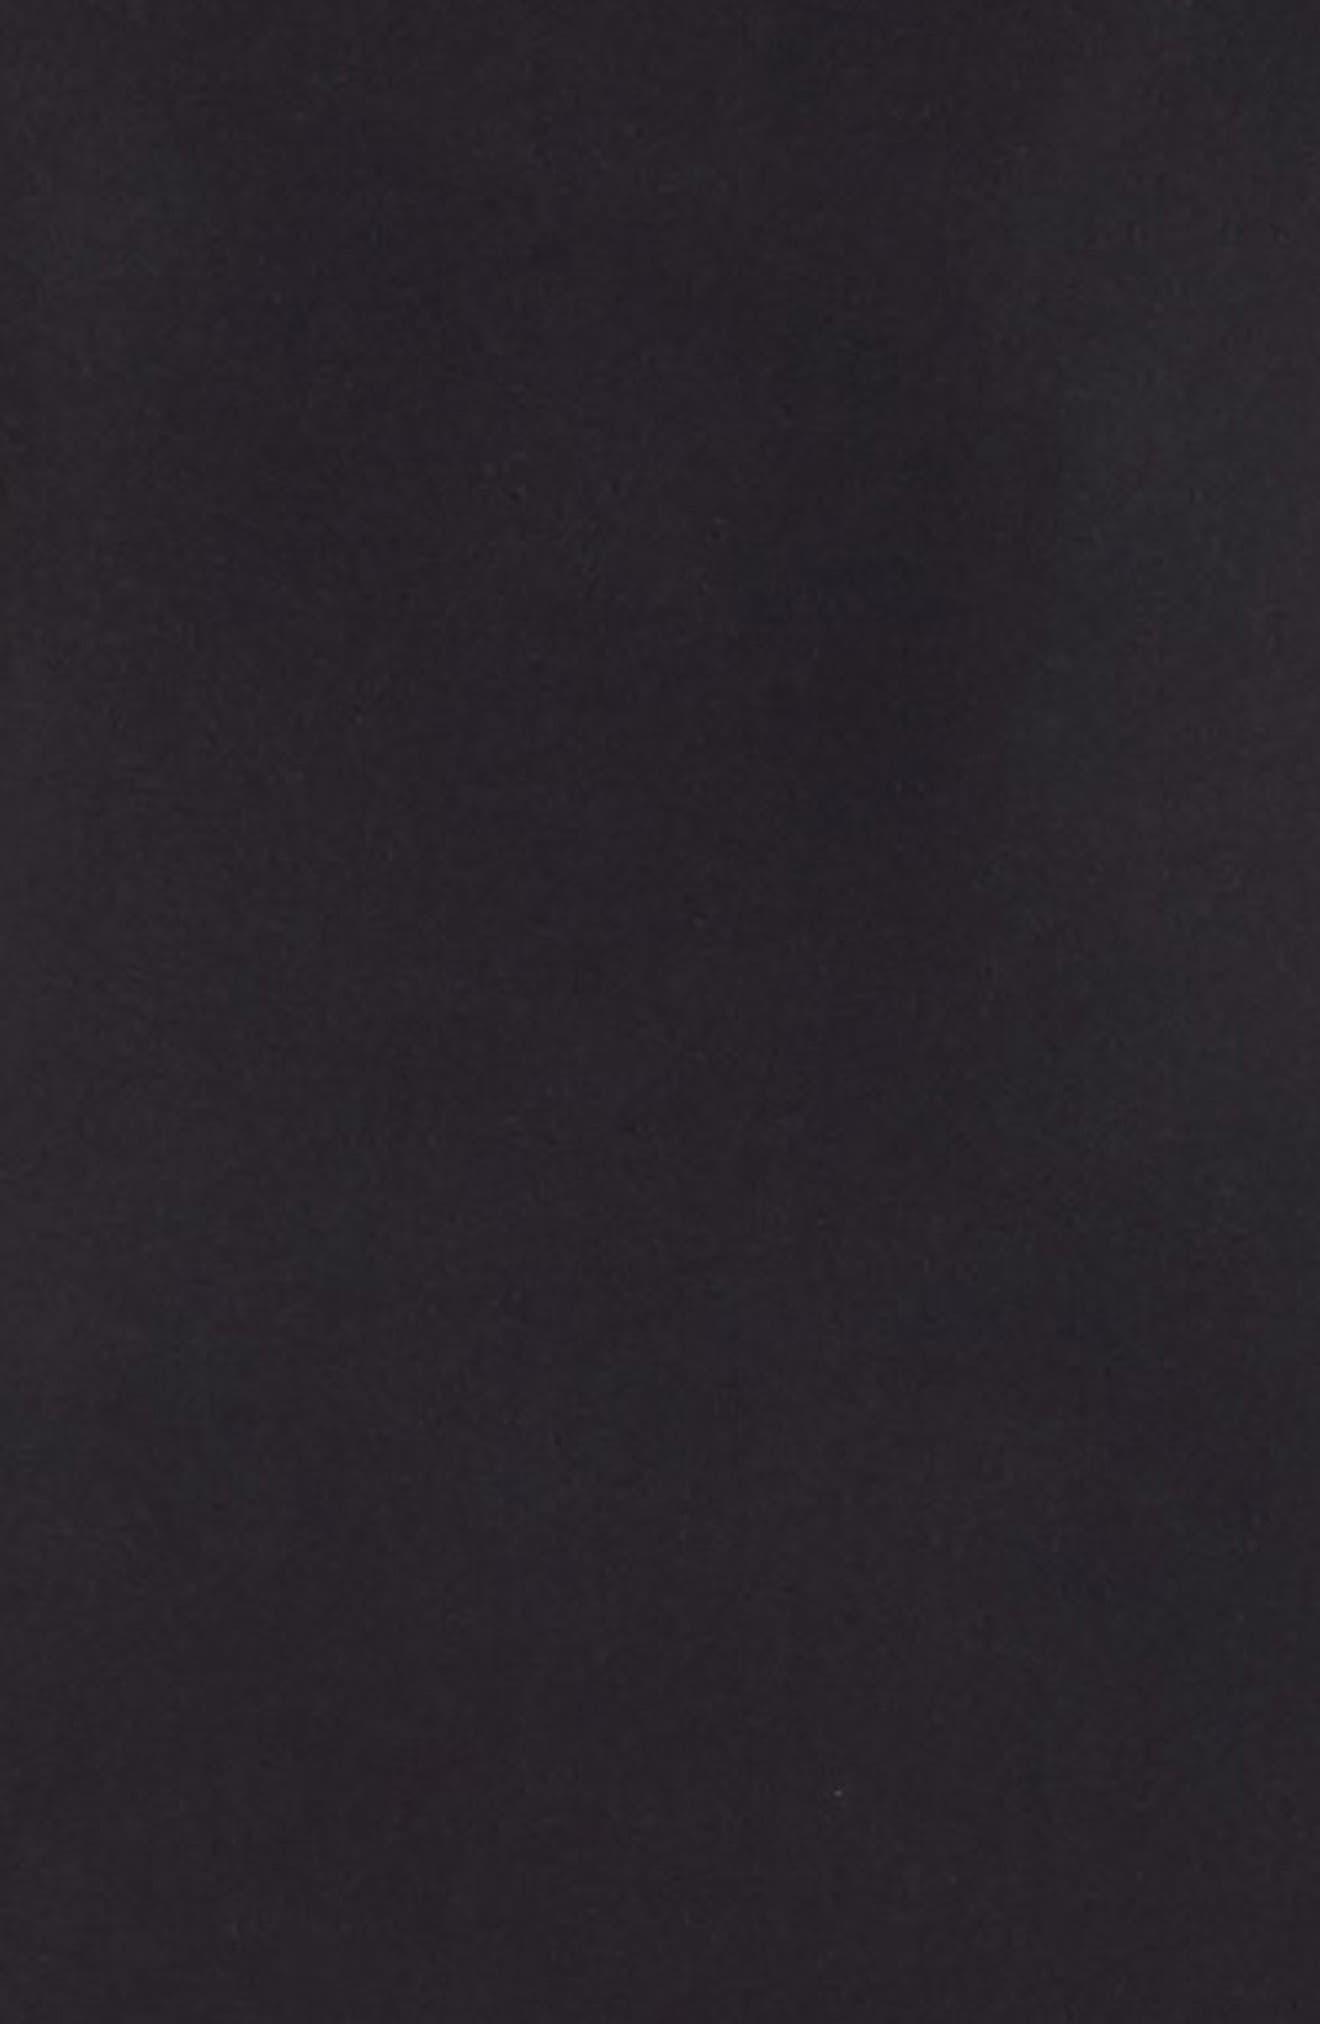 Donna Karan The Luxe Opaque Collection Bodystocking,                             Alternate thumbnail 5, color,                             001